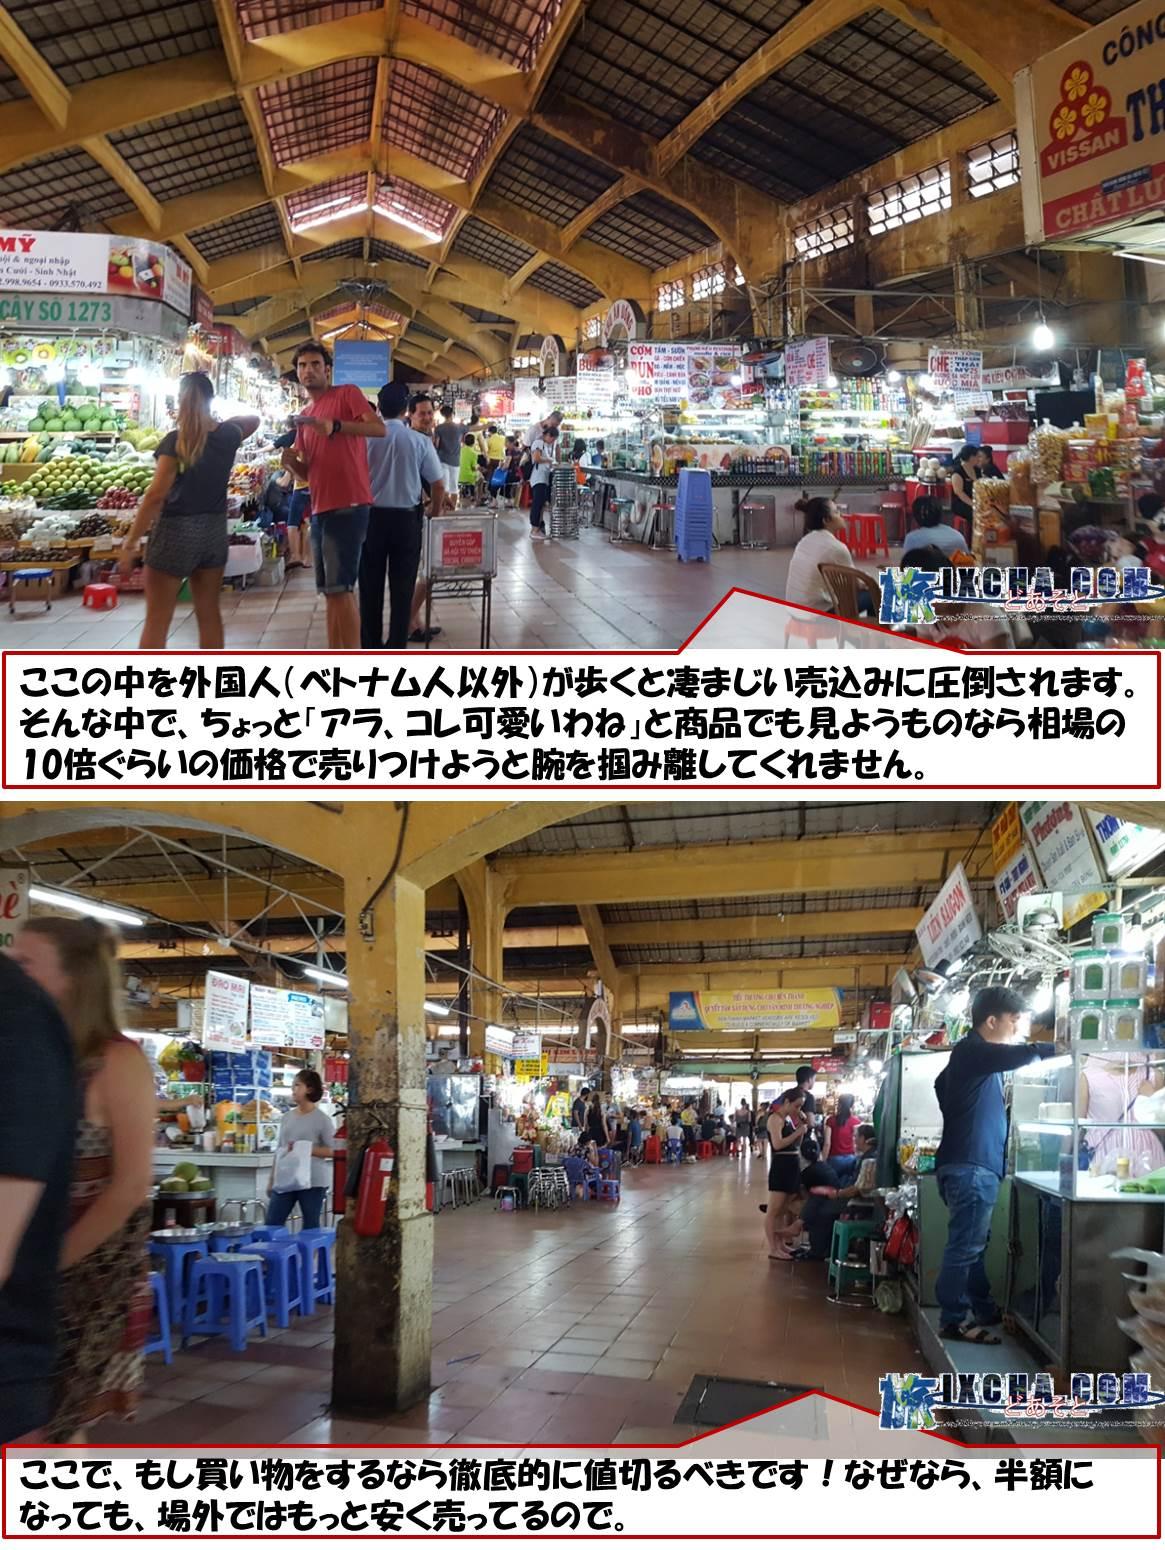 ここの中を外国人(ベトナム人以外)が歩くと凄まじい売込みに圧倒されます。 そんな中で、ちょっと「アラ、コレ可愛いわね」と商品でも見ようものなら相場の10倍ぐらいの価格で売りつけようと腕を掴み離してくれません。 ここで、もし買い物をするなら徹底的に値切るべきです!なぜなら、半額になっても、場外ではもっと安く売ってるので。